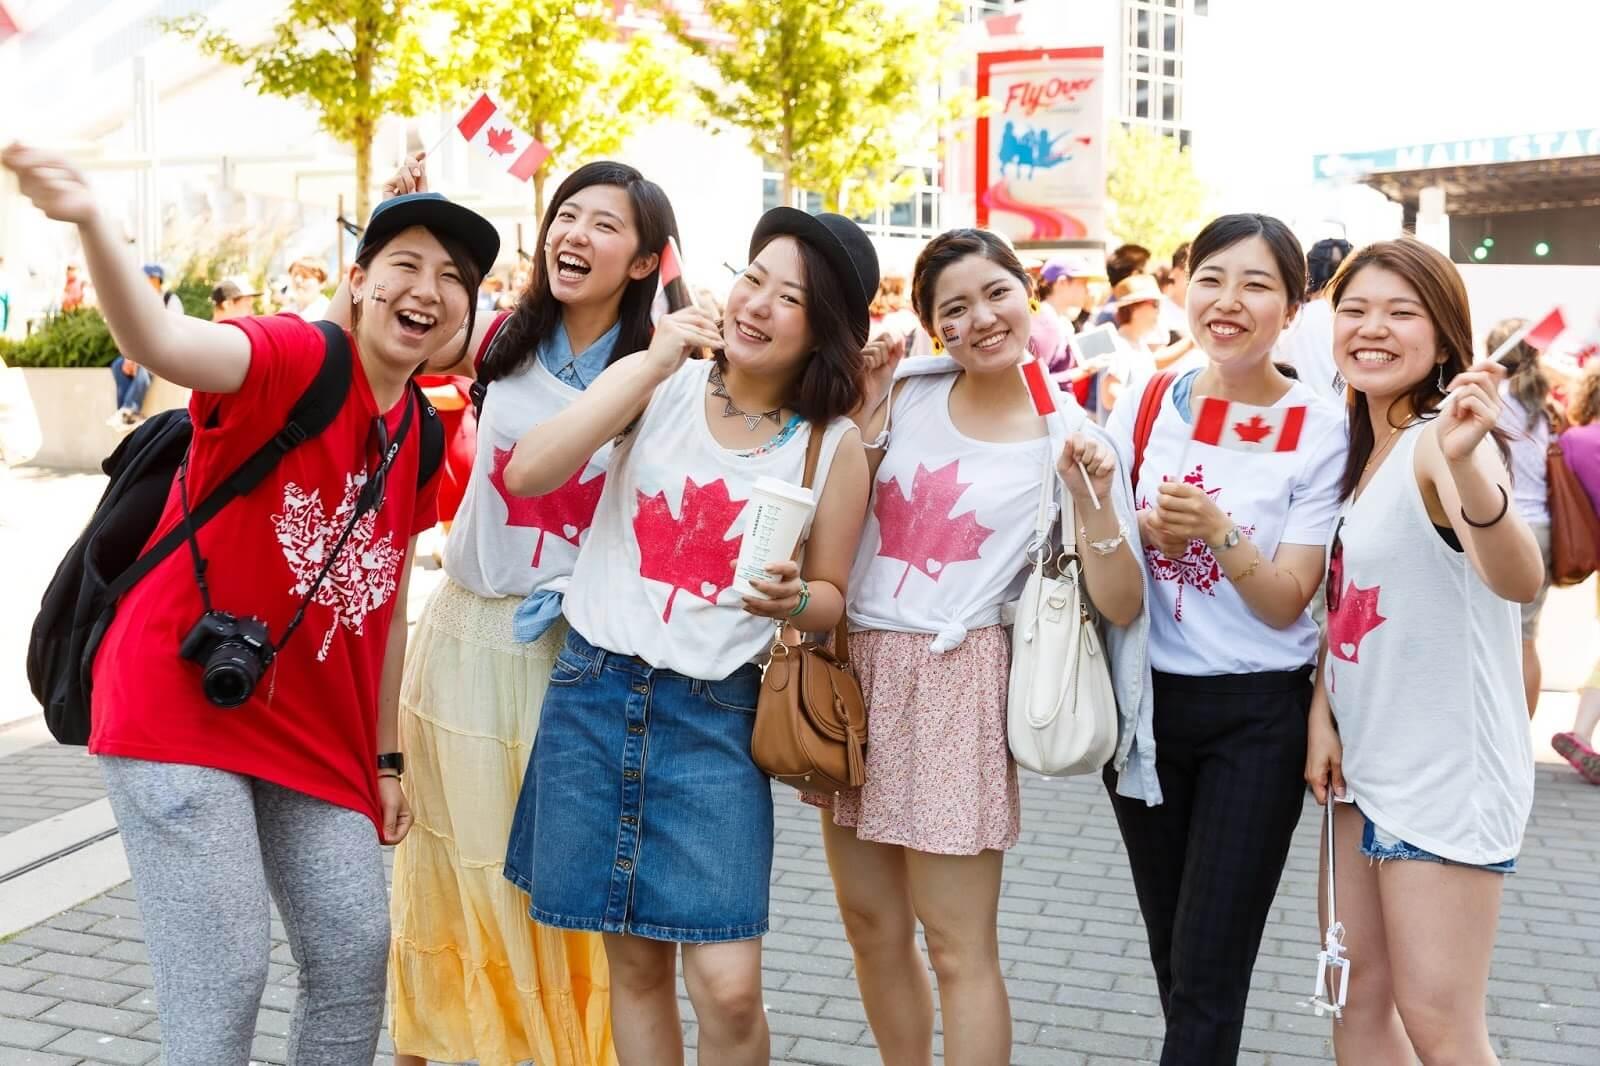 Globālie ceļotāji brīvdienās vēlas satikt ceļotājus no savas tautības